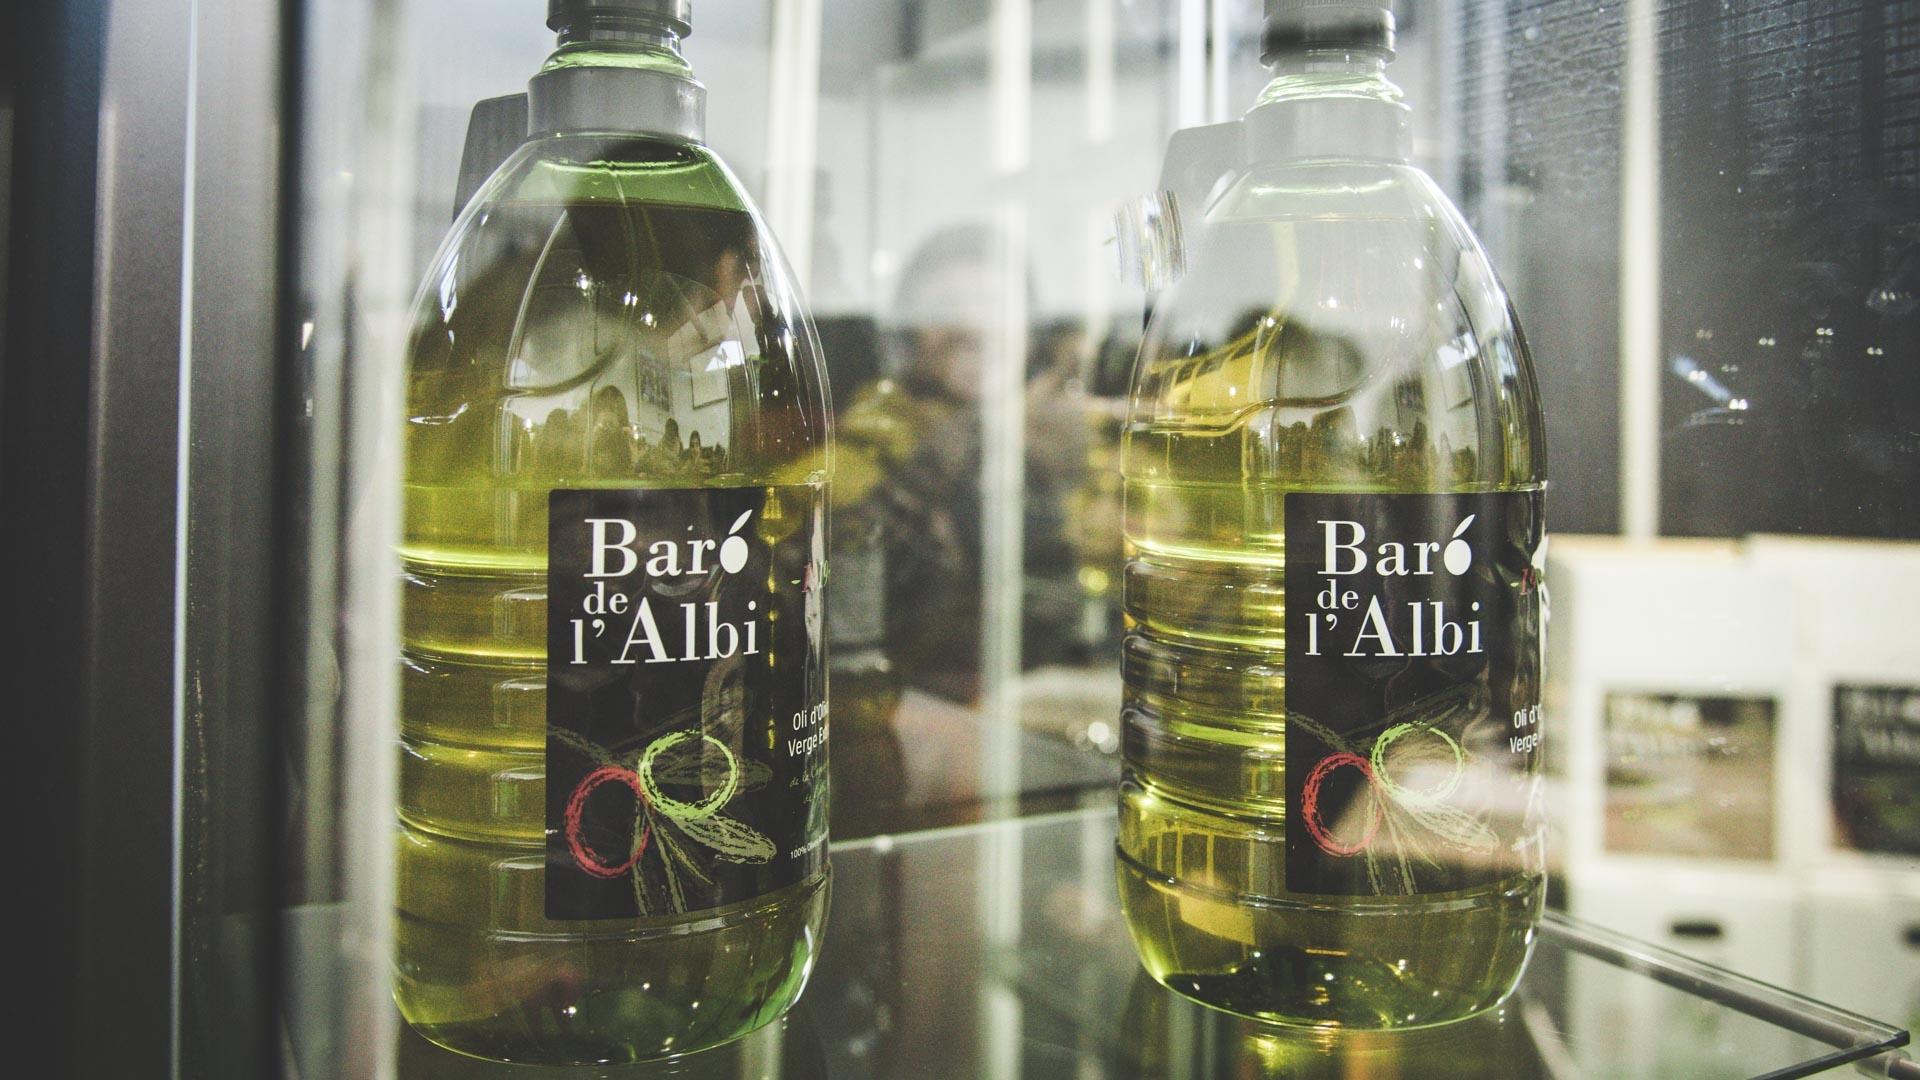 Oli d'oliva verge extra. Cooperativa Agrícola de l'Albi. Detall ampolles Fira de l'oli de les Borges Blanques